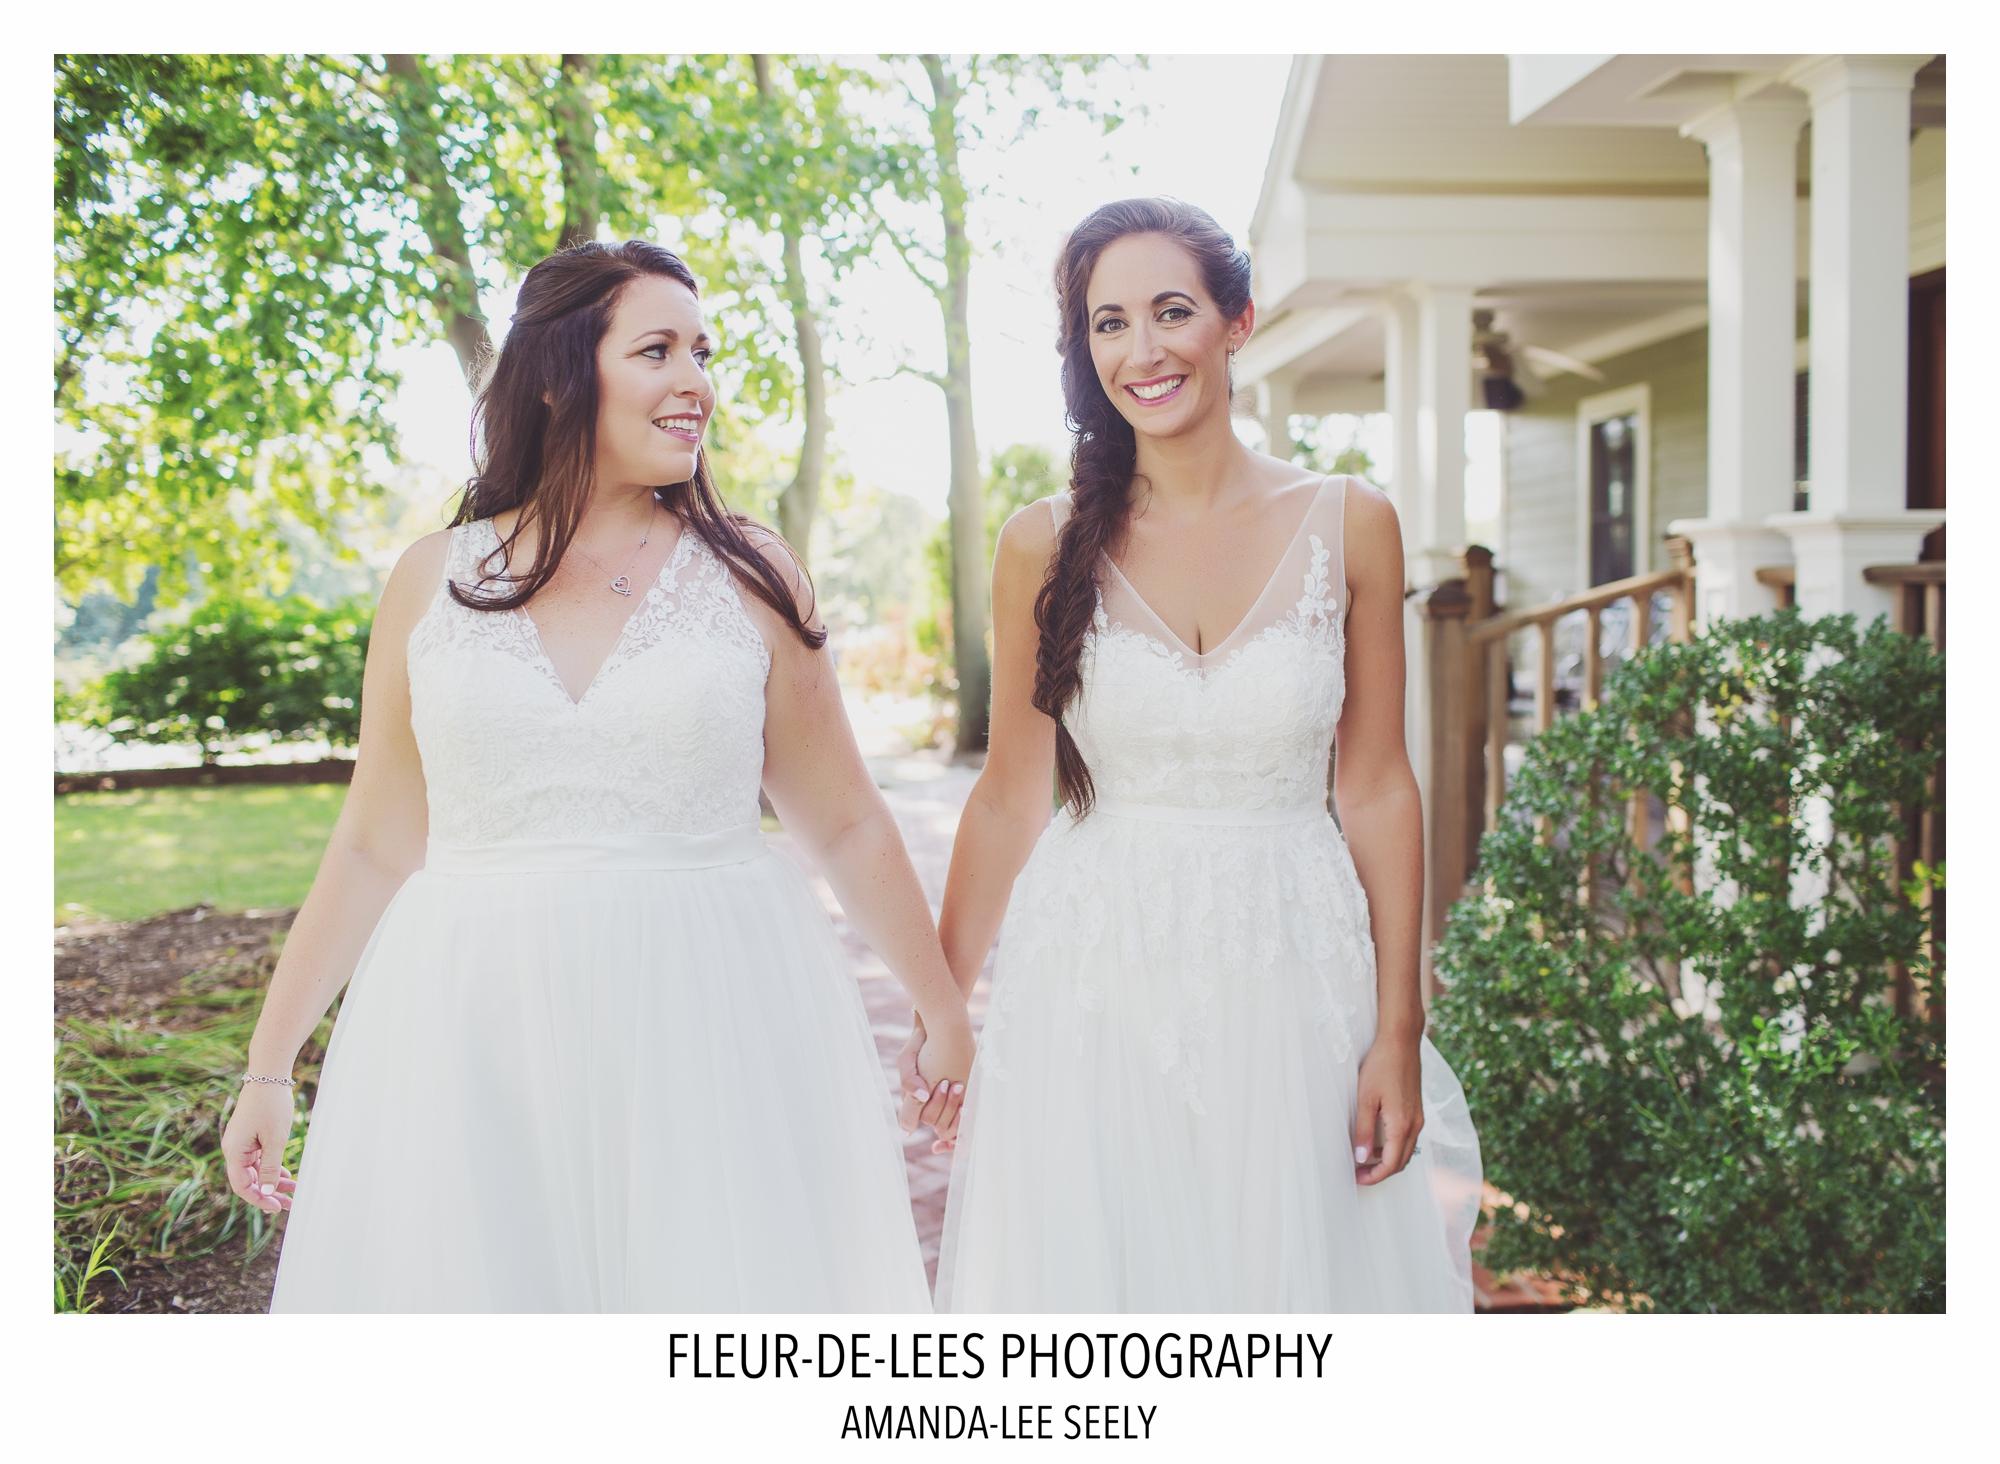 BLOG RACHEL AND AMANDA WEDDING 19